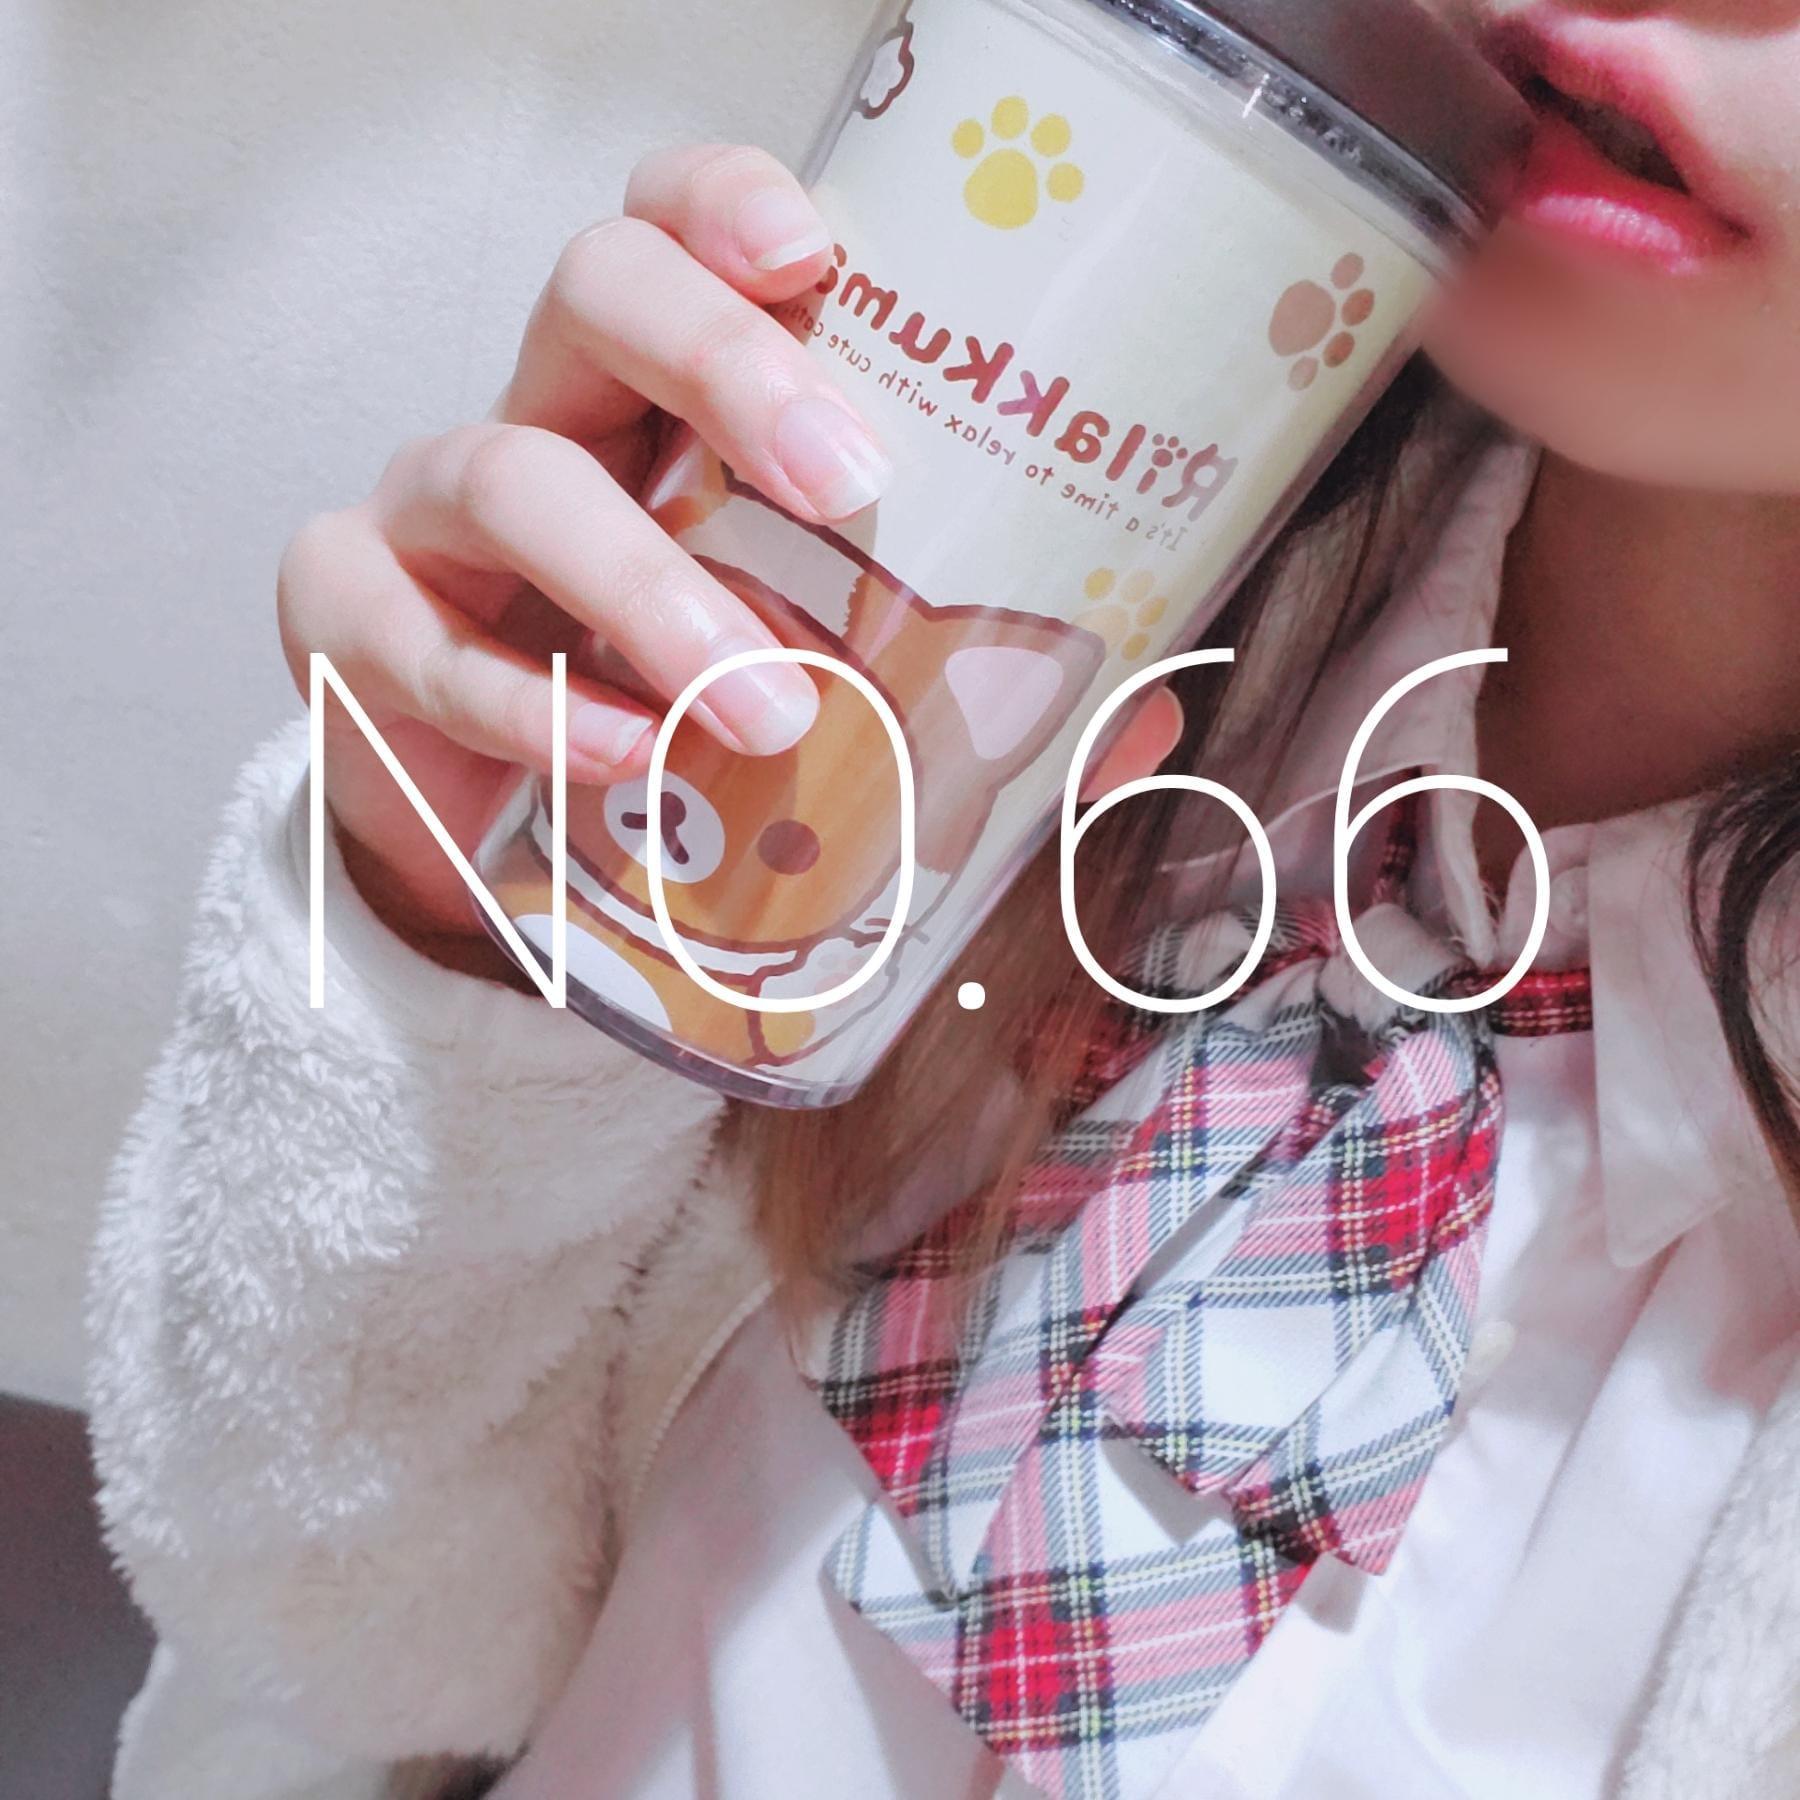 「ゆず茶! 相馬」12/16(月) 17:24   相馬の写メ・風俗動画